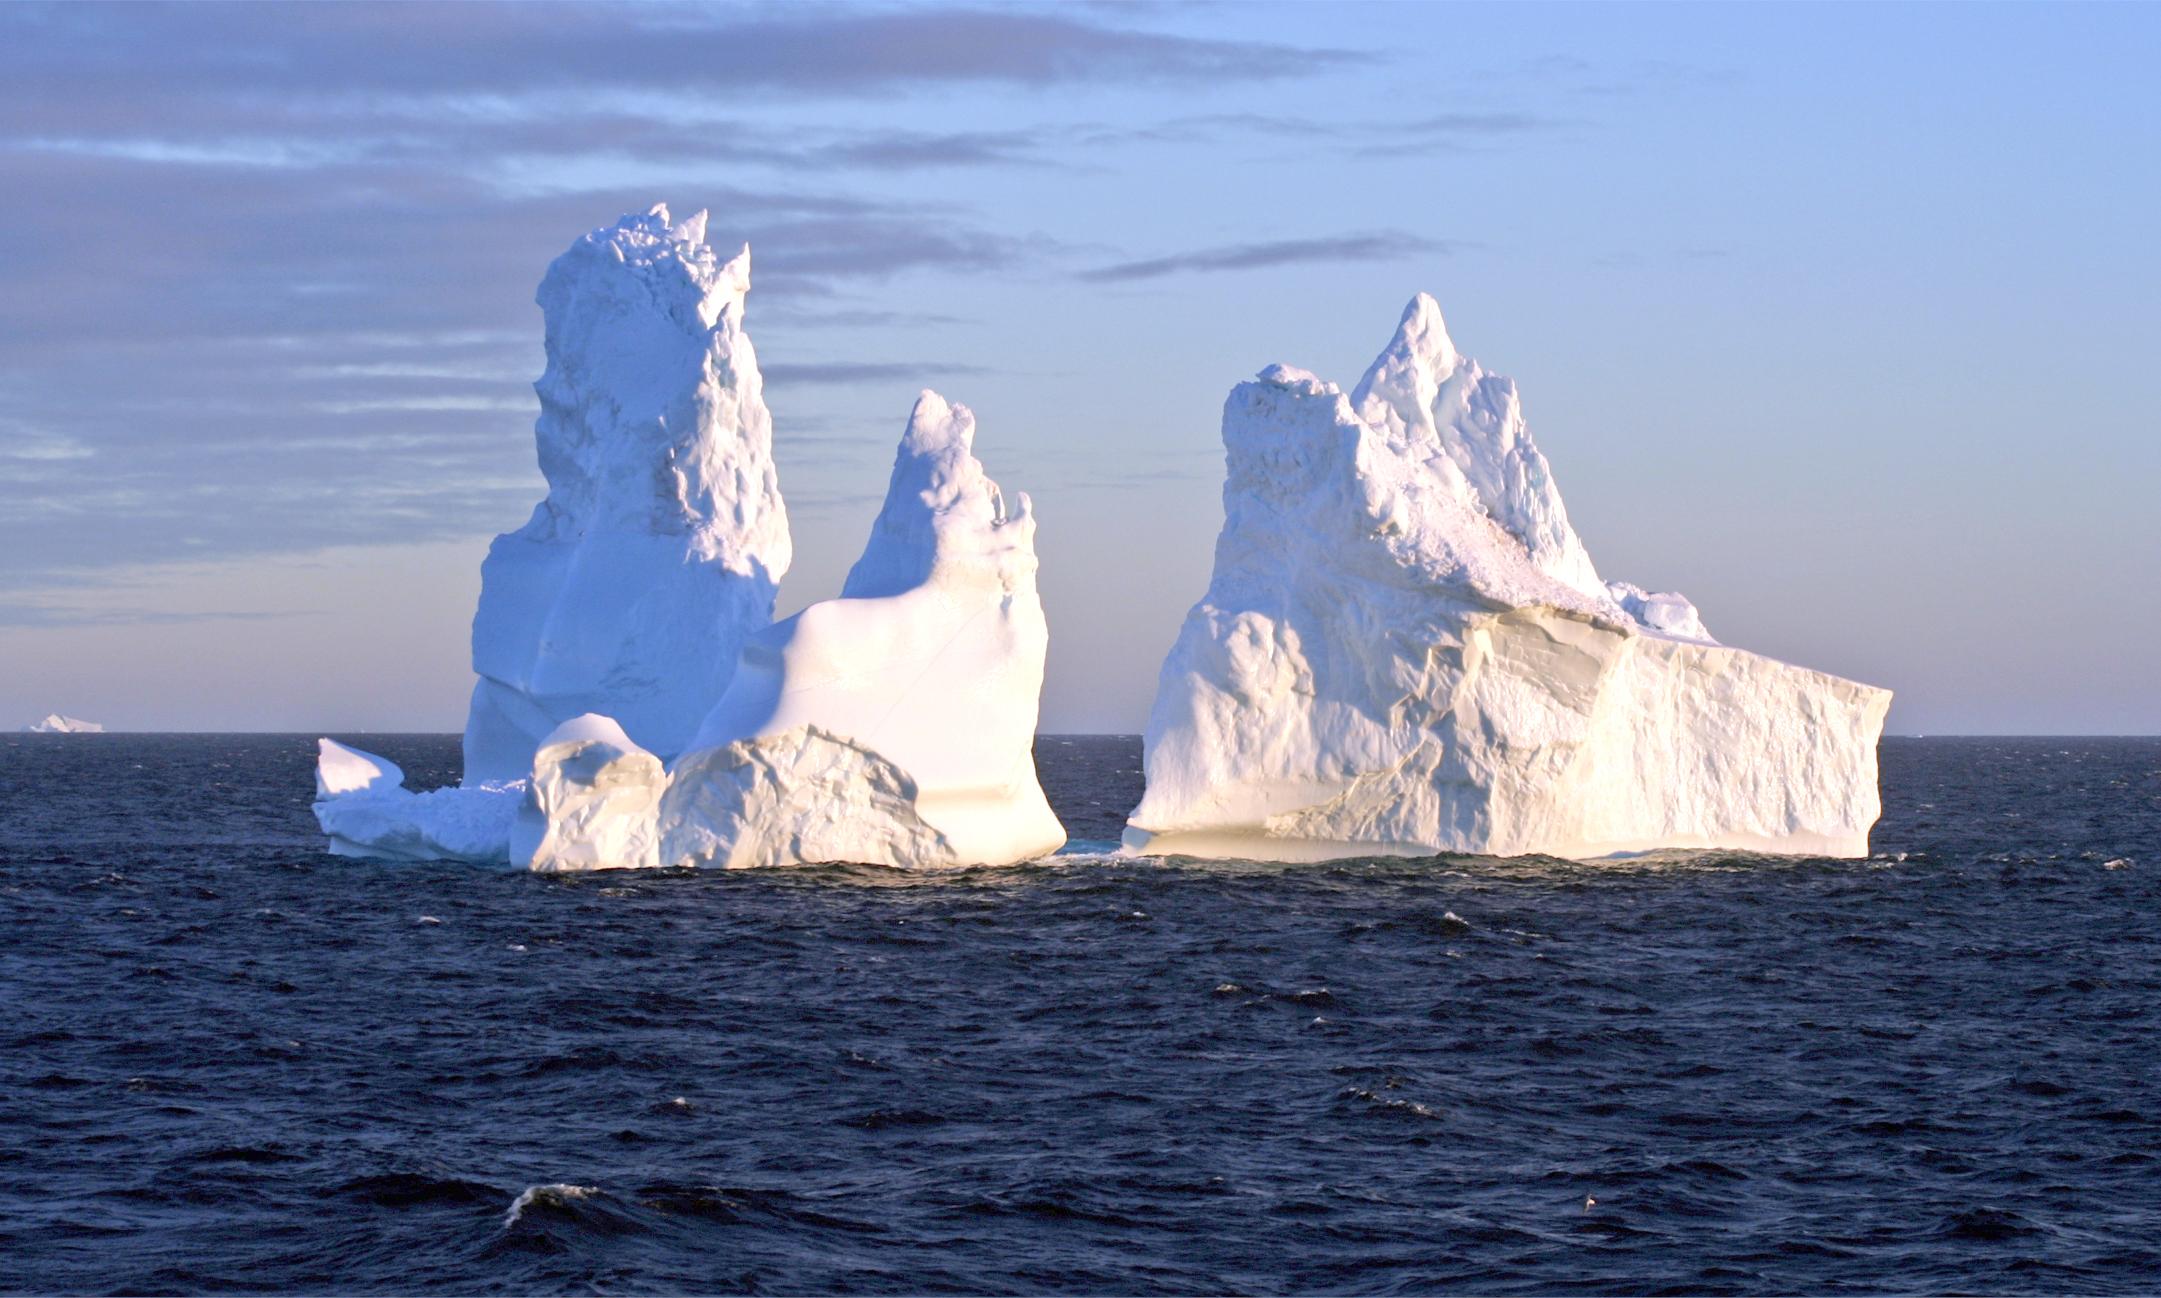 Antartide, Cnr-Isac: la piattaforma di ghiaccio del Nansen da' vita a due grandi icebergs